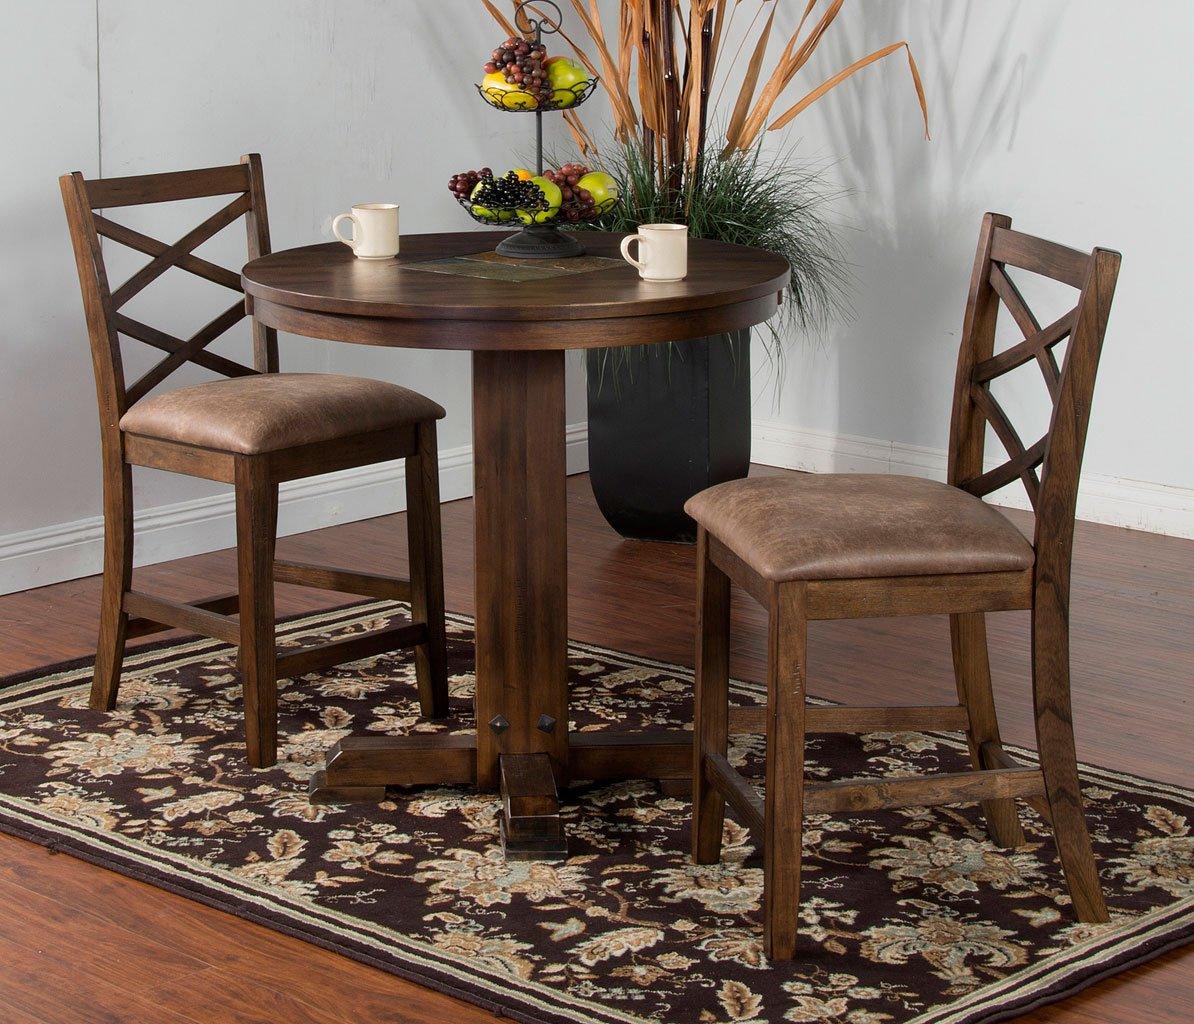 Savannah Adjustable Height Pub Table Set Sunny Designs Furniture Cart - Adjustable height cafe table